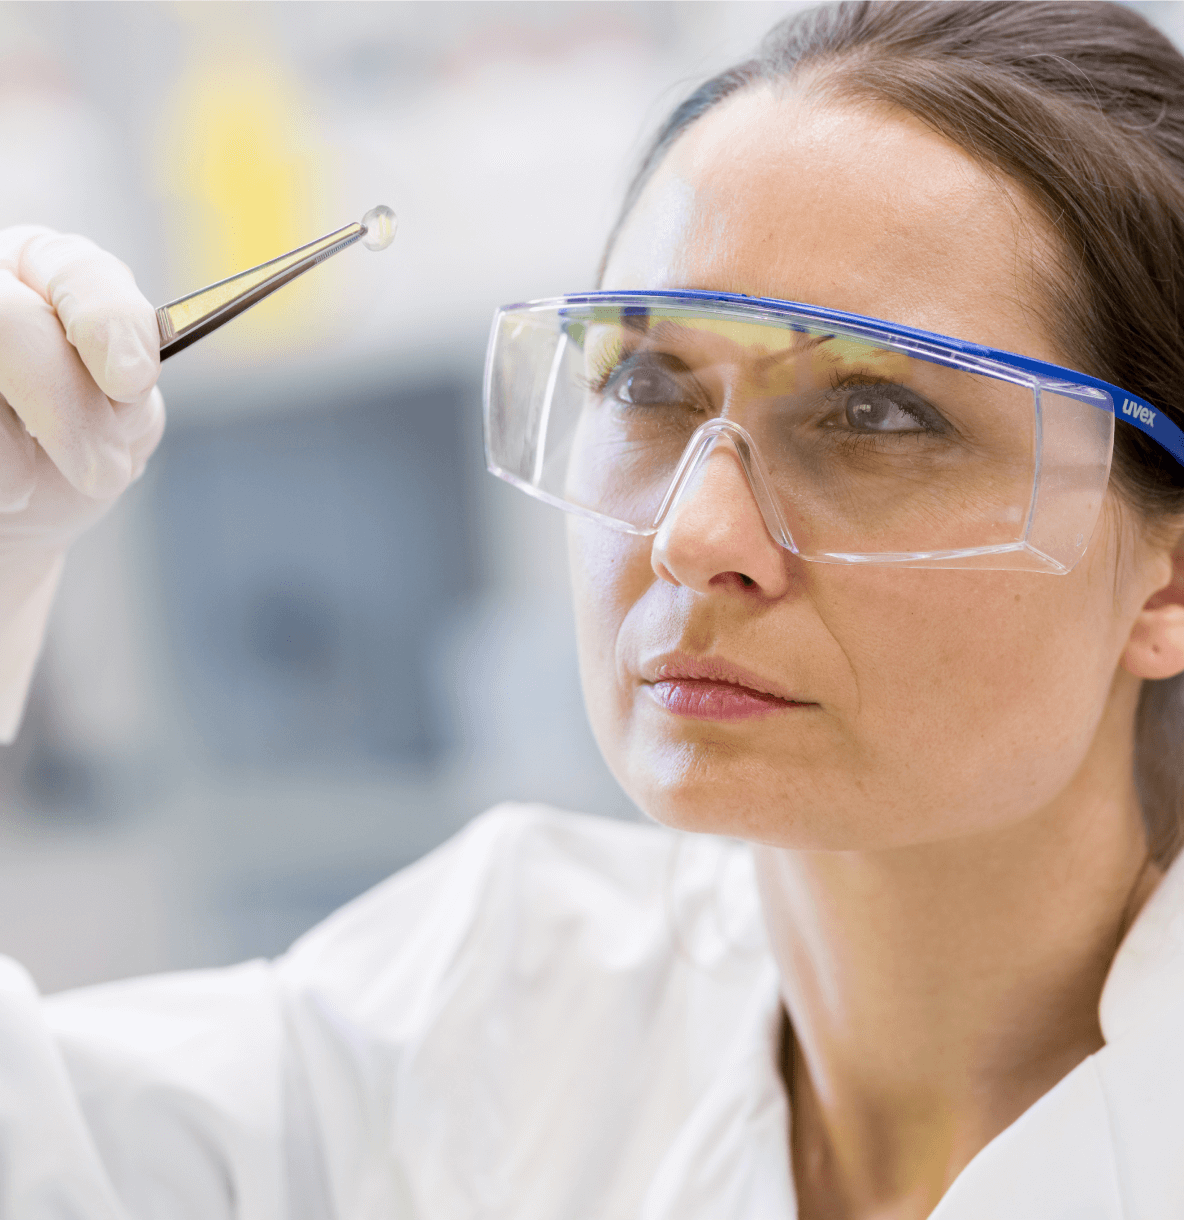 INKplant - Profactor researcher